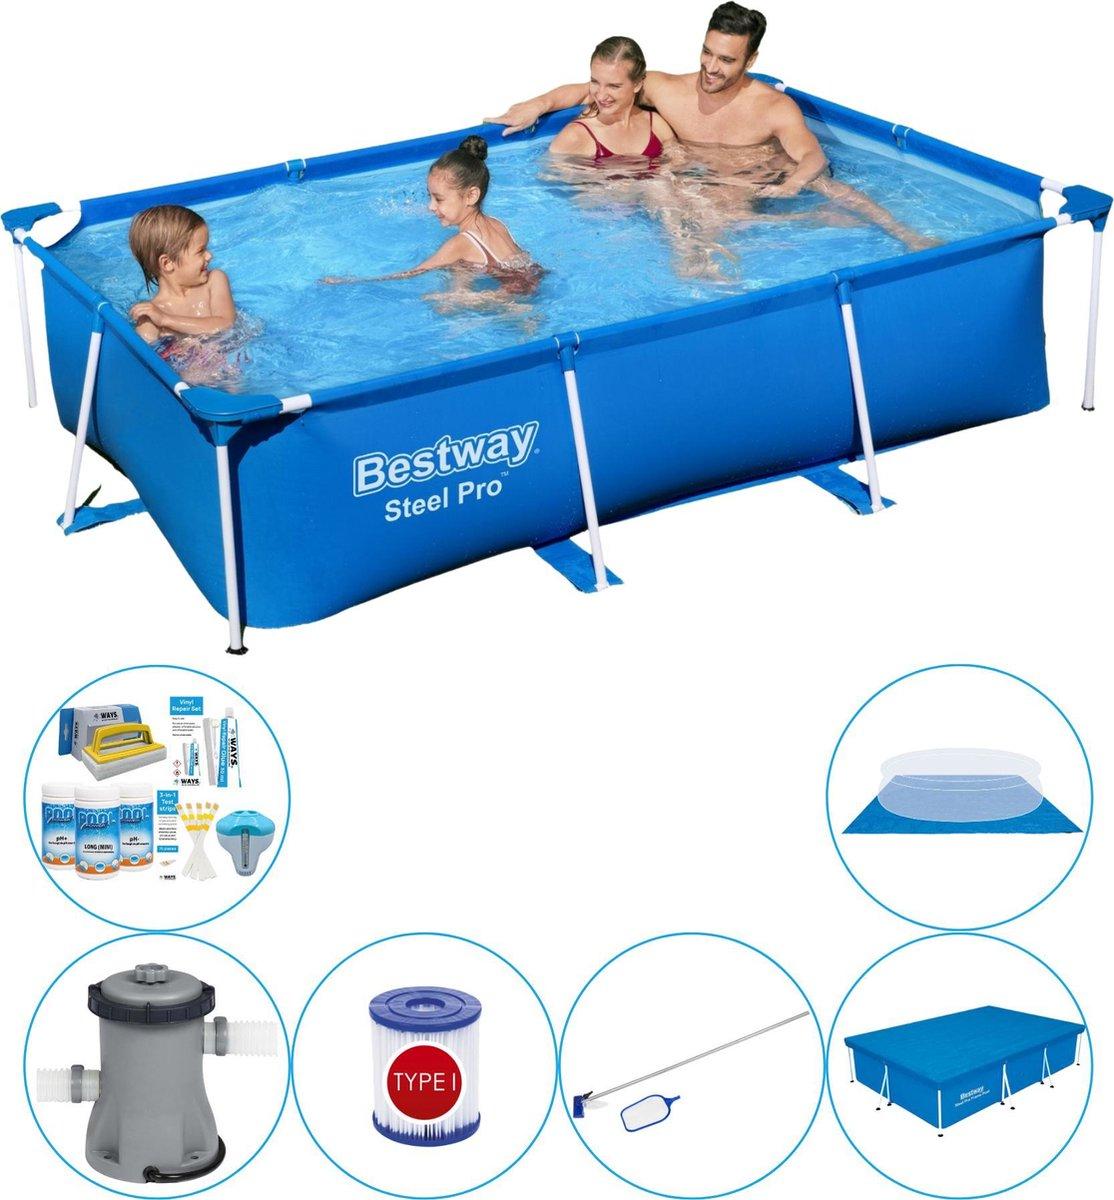 Bestway Steel Pro Rechthoekig Zwembad - 259 x 170 x 61 cm - Blauw - Inclusief Accessoires